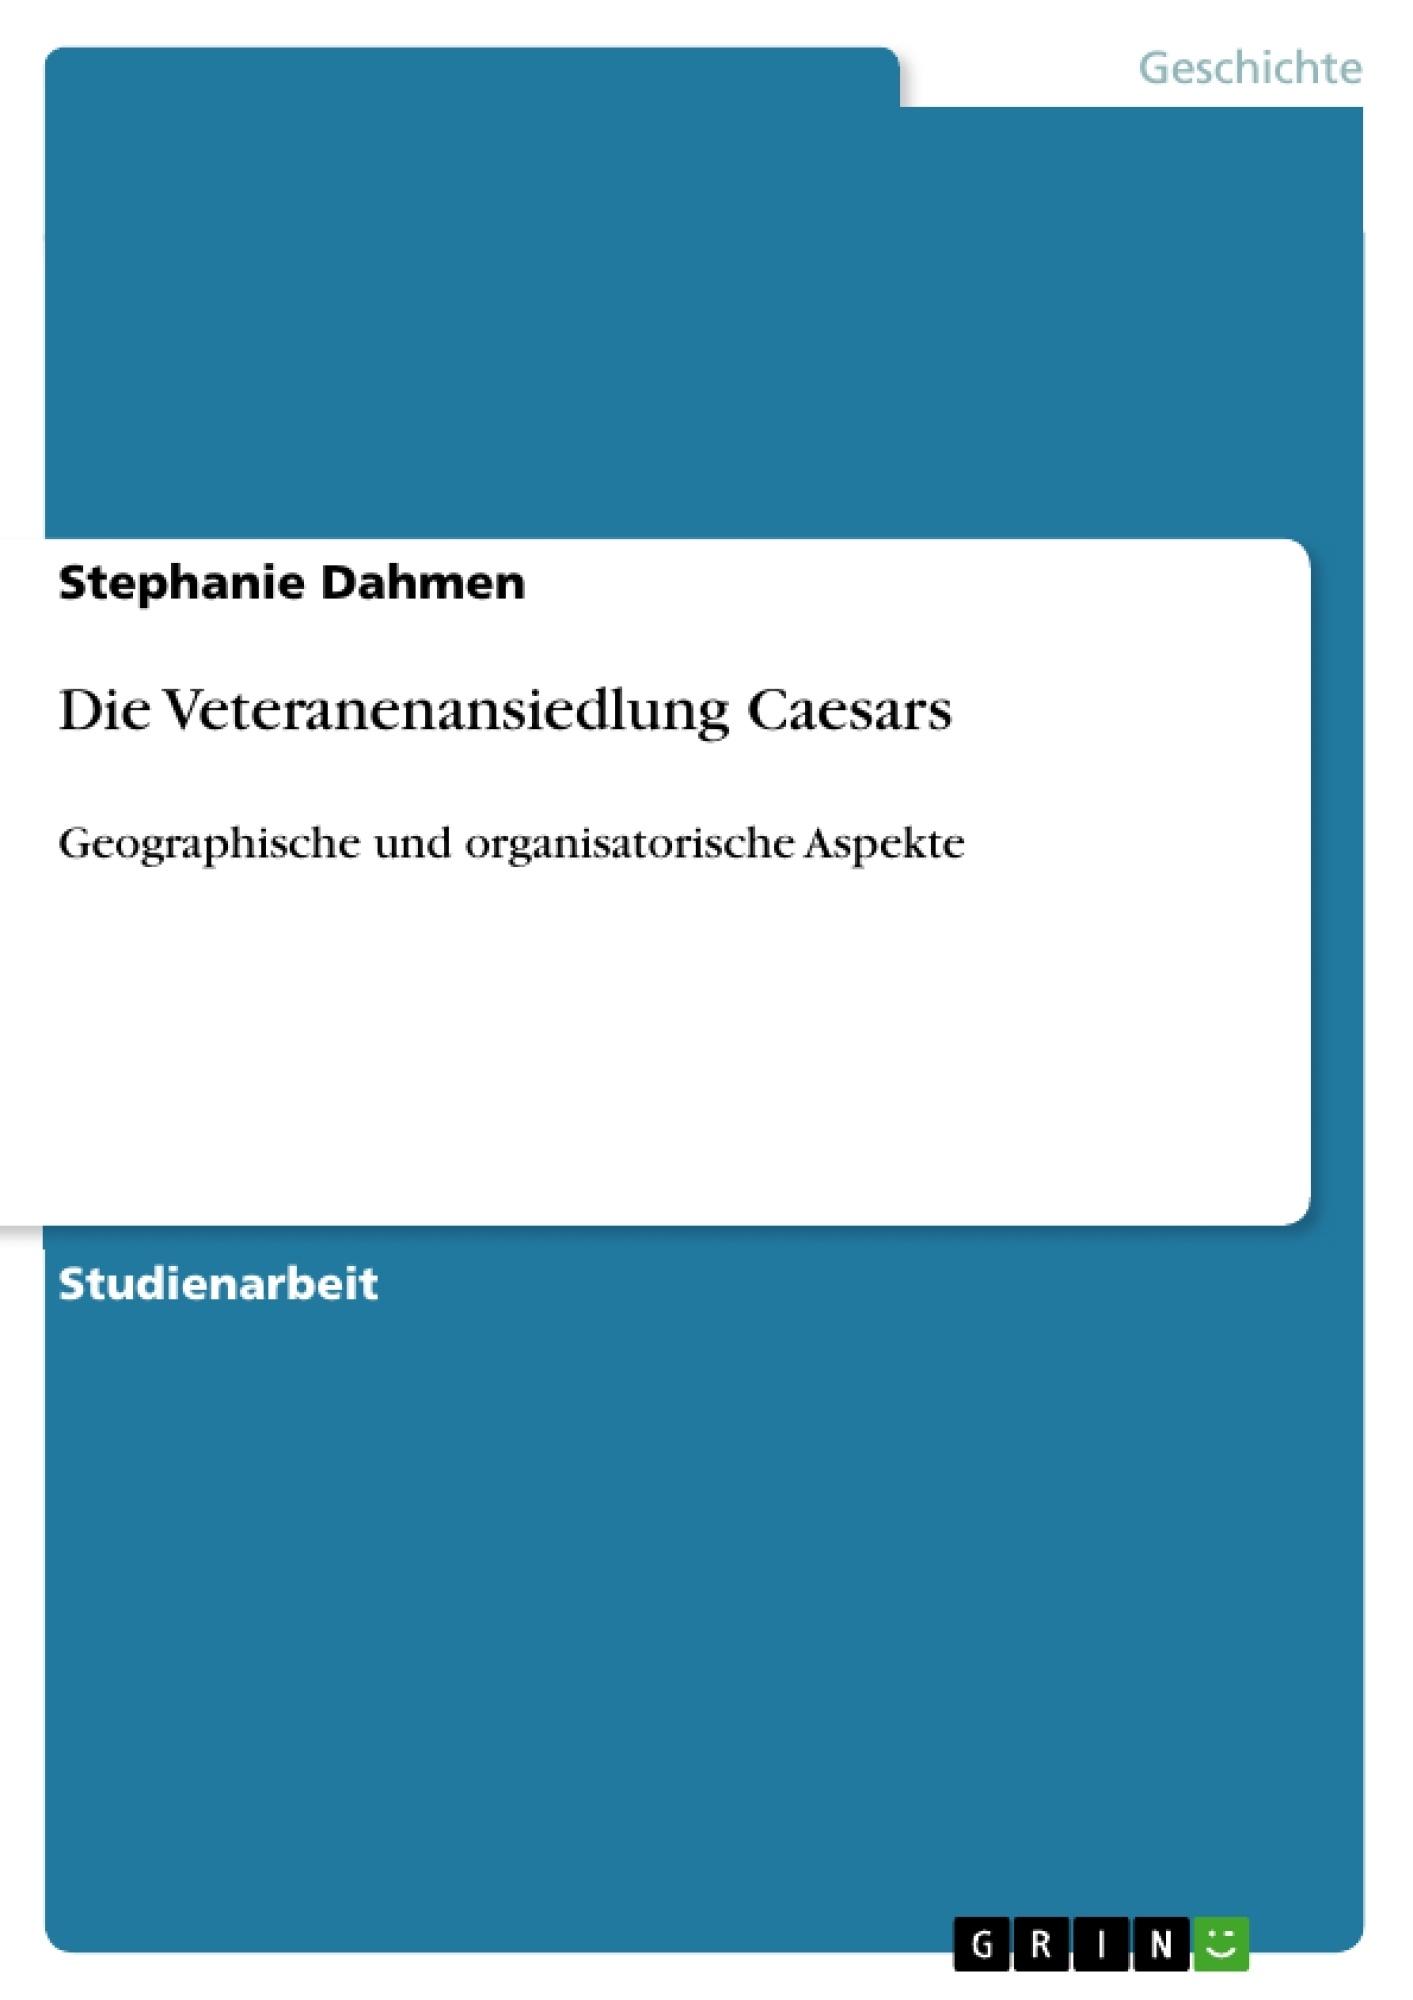 Titel: Die Veteranenansiedlung Caesars